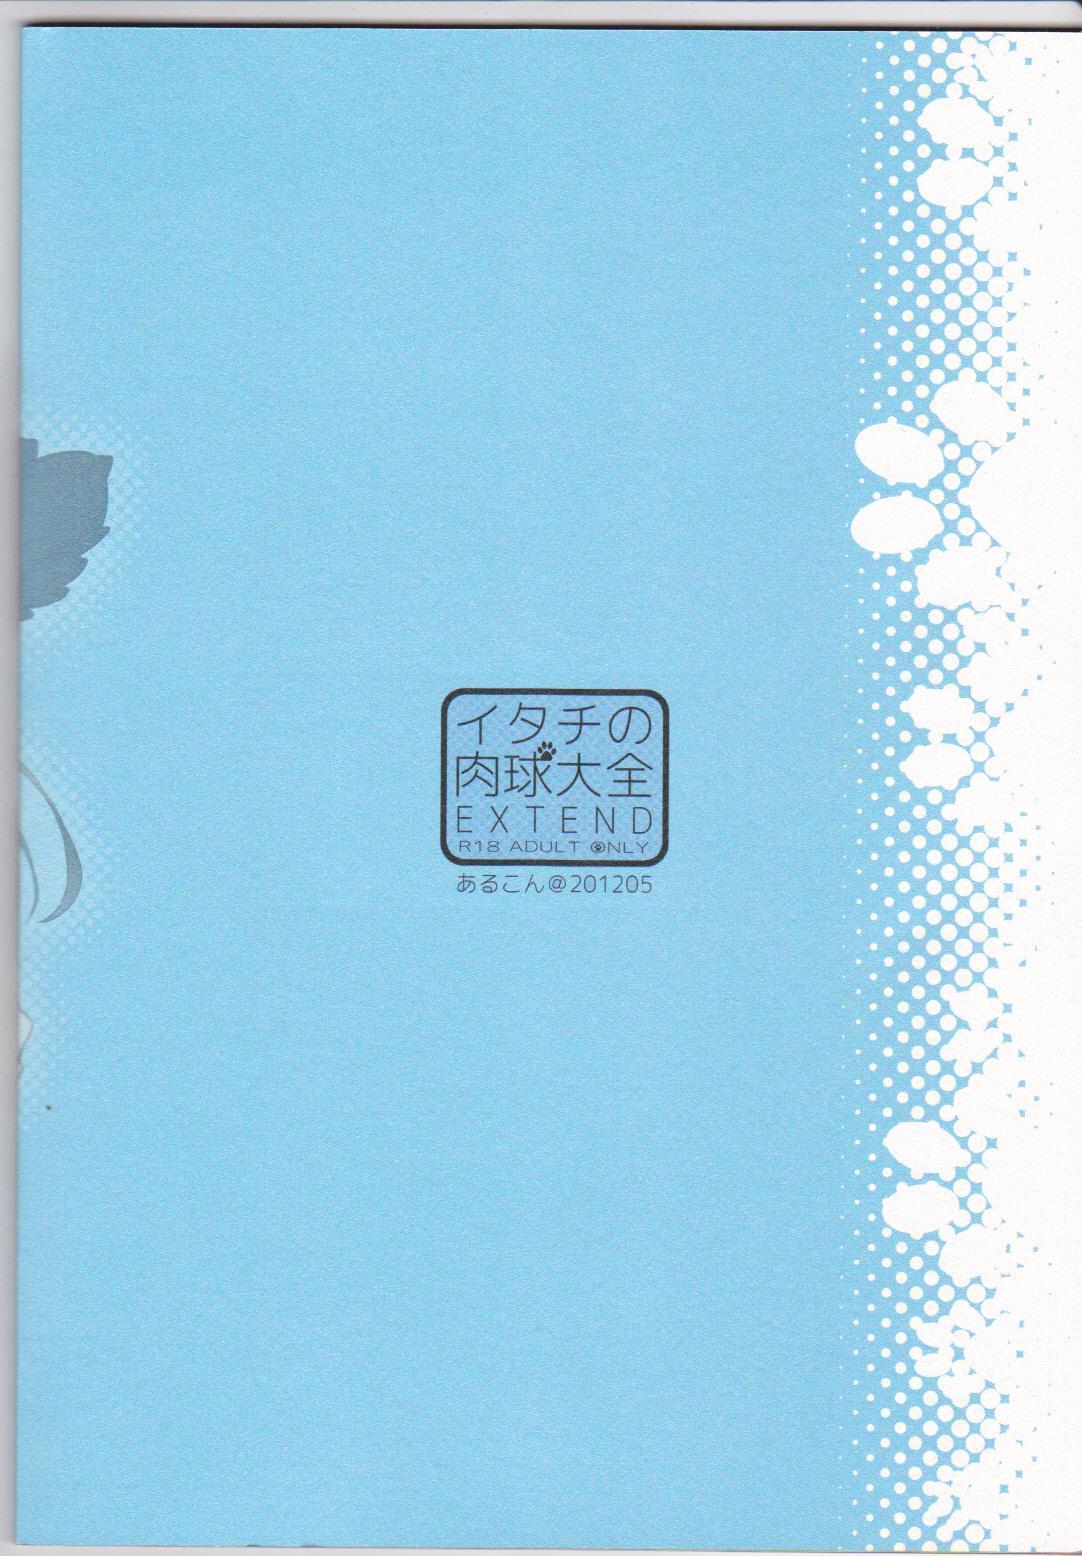 Itachi no Nikukyuu Taizen EXTEND 34